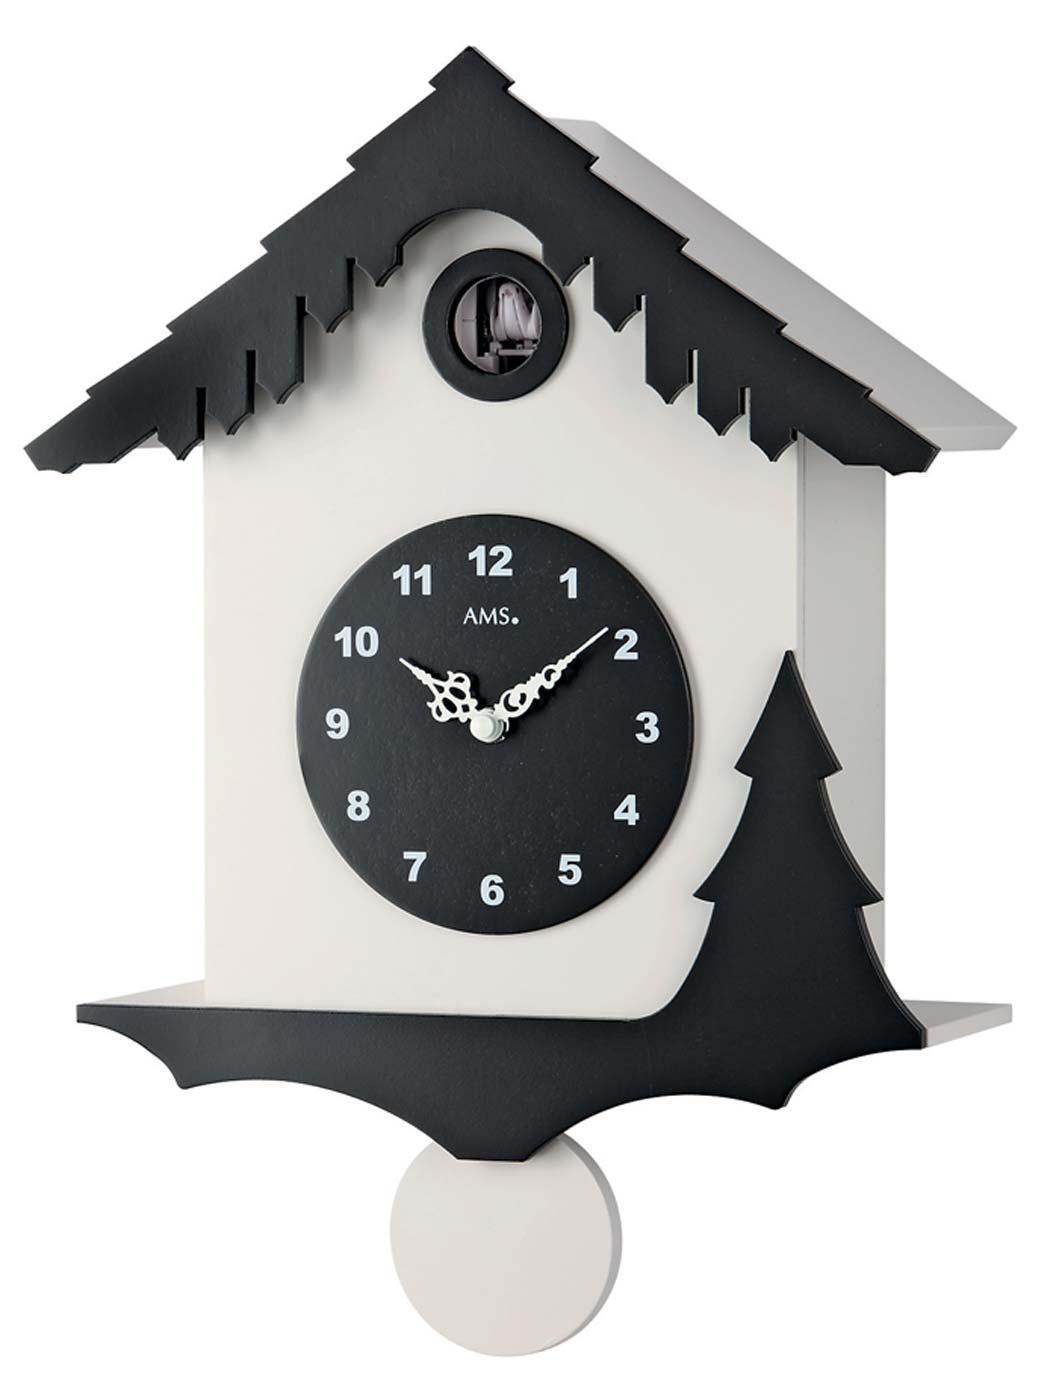 Ams 7391 wall clock cuckoo clock pendulum clock new ebay - Cuckoo pendulum wall clock ...